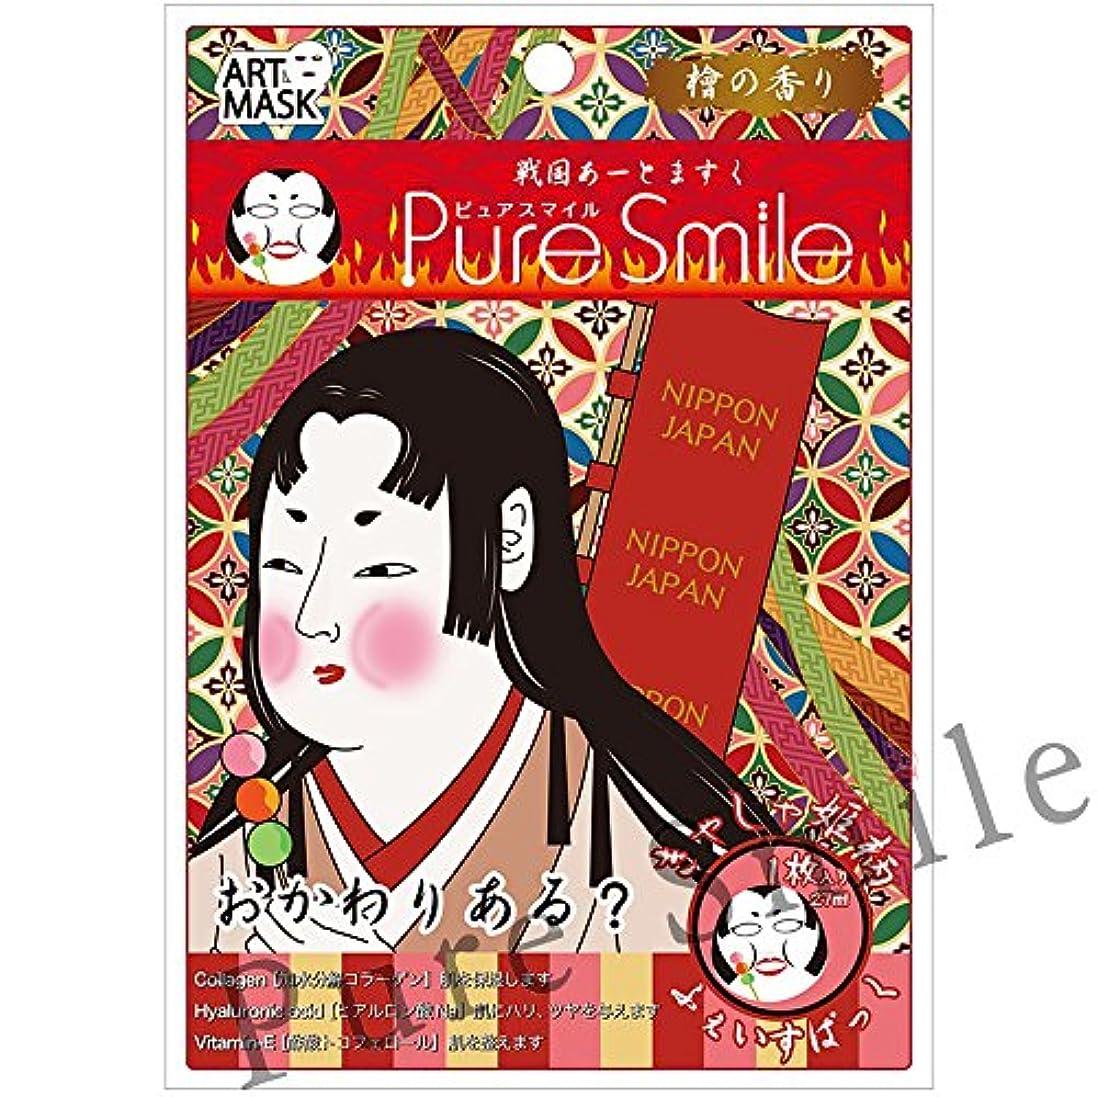 優勢第五天文学Pure Smile(ピュアスマイル) フェイスマスク/アートマスク『戦国アートマスク』(きゃしゃ姫/檜の香り)